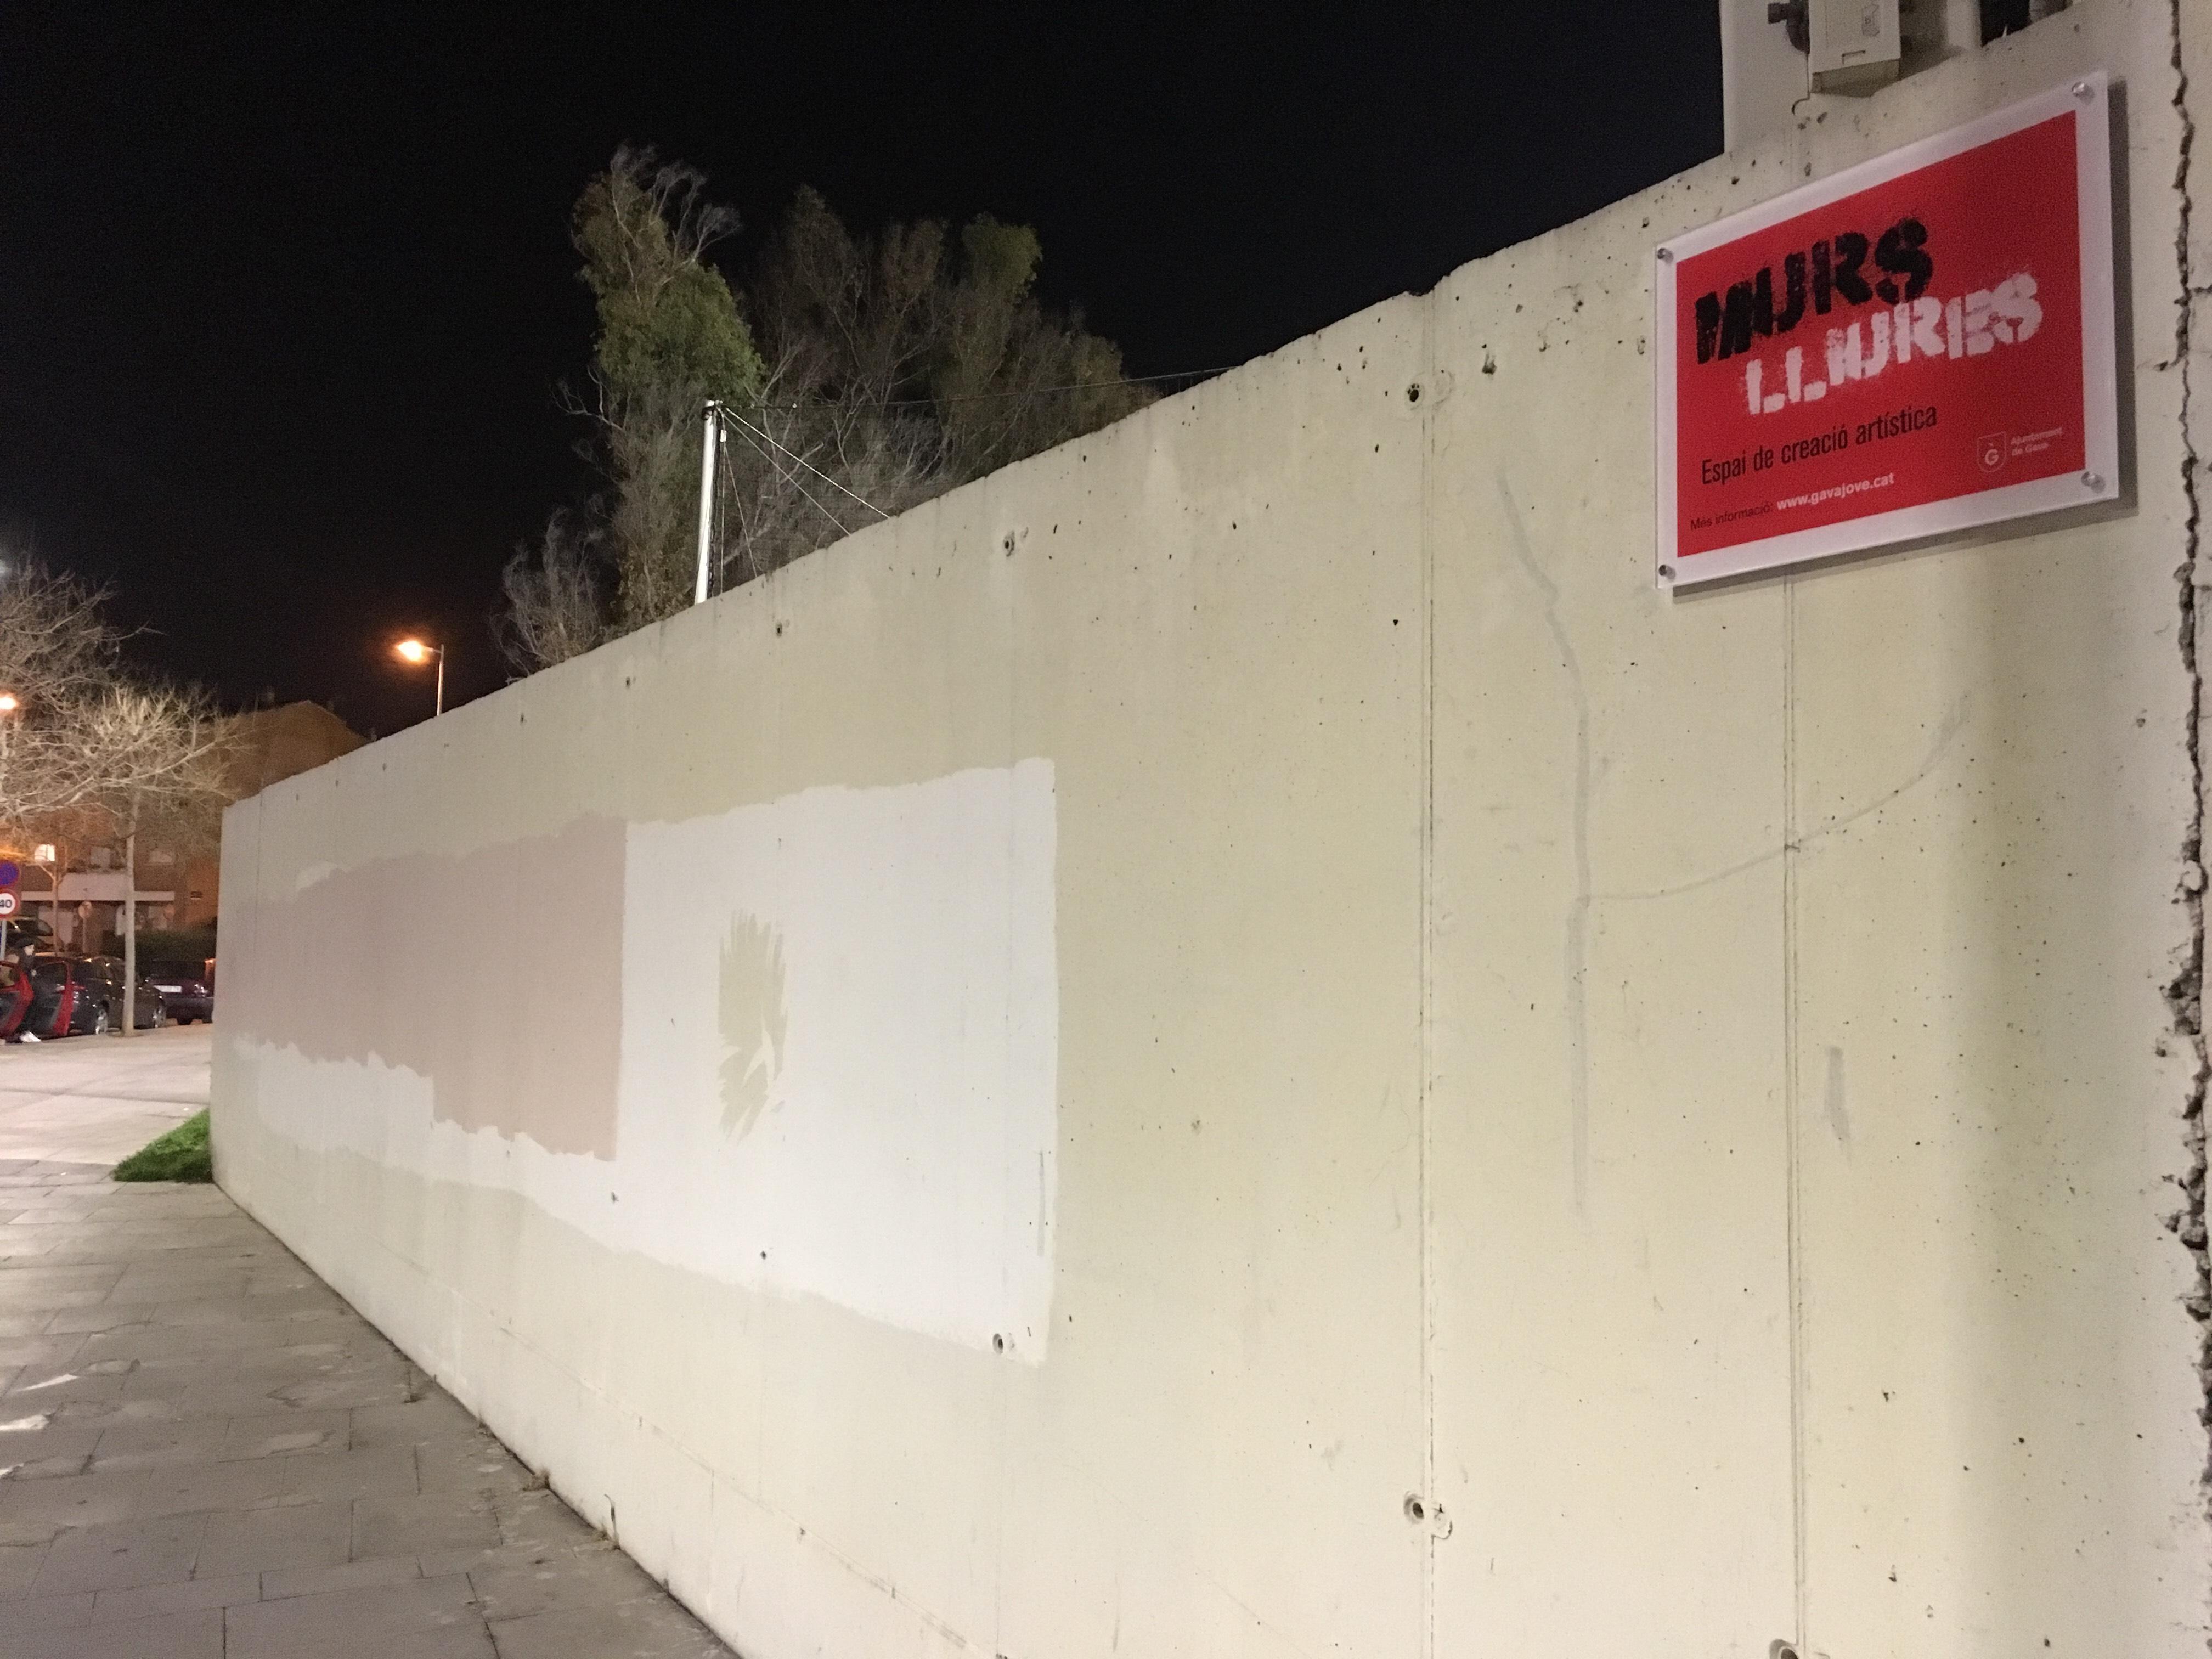 Murs Lliures: Mur 2